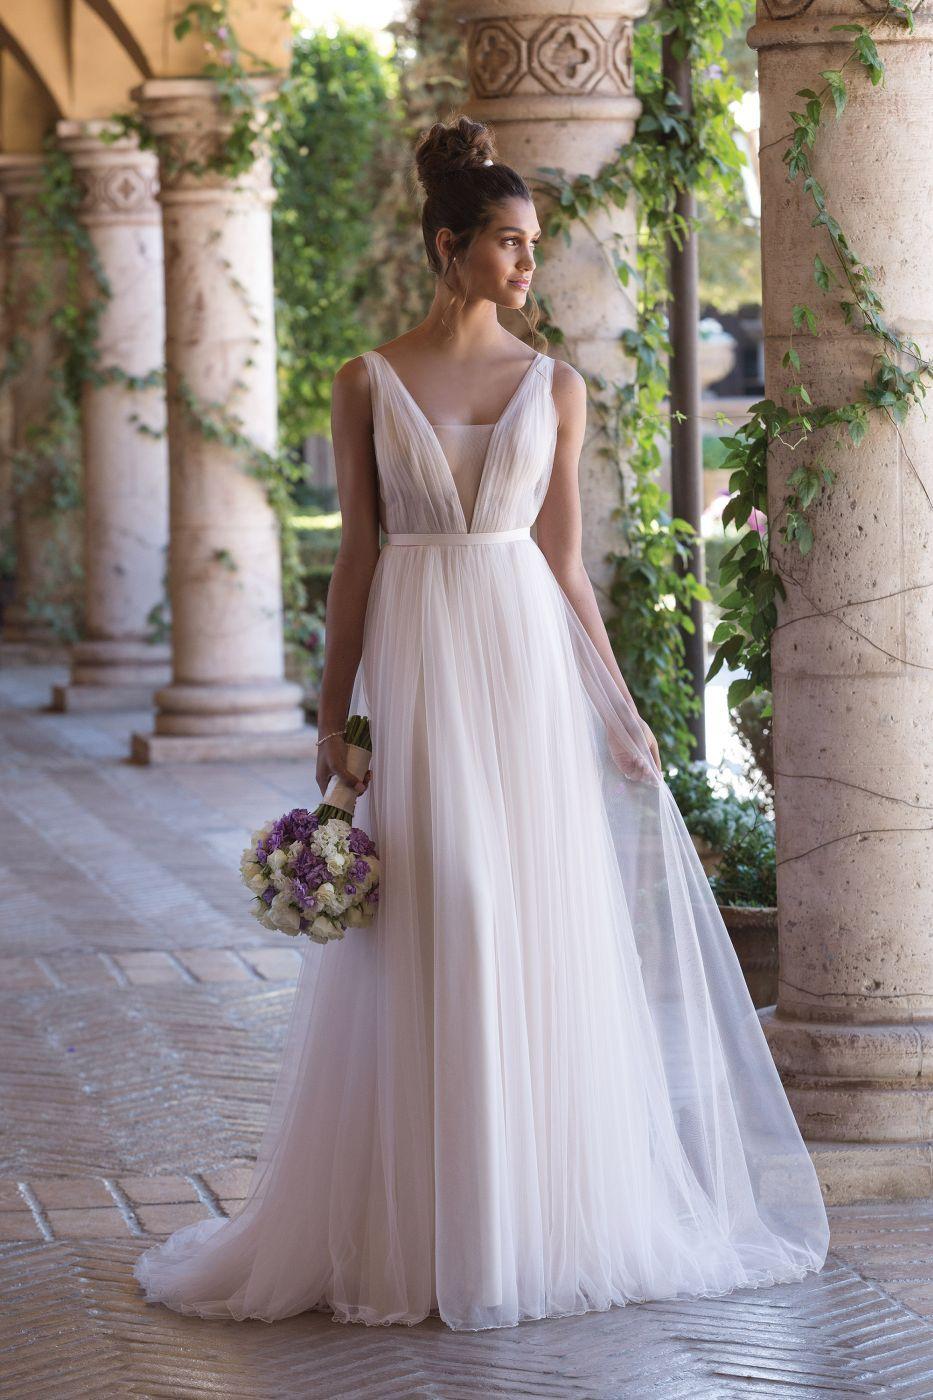 Luftig leichtes Brautkleid von Sincerity #boho #vintage #wedding